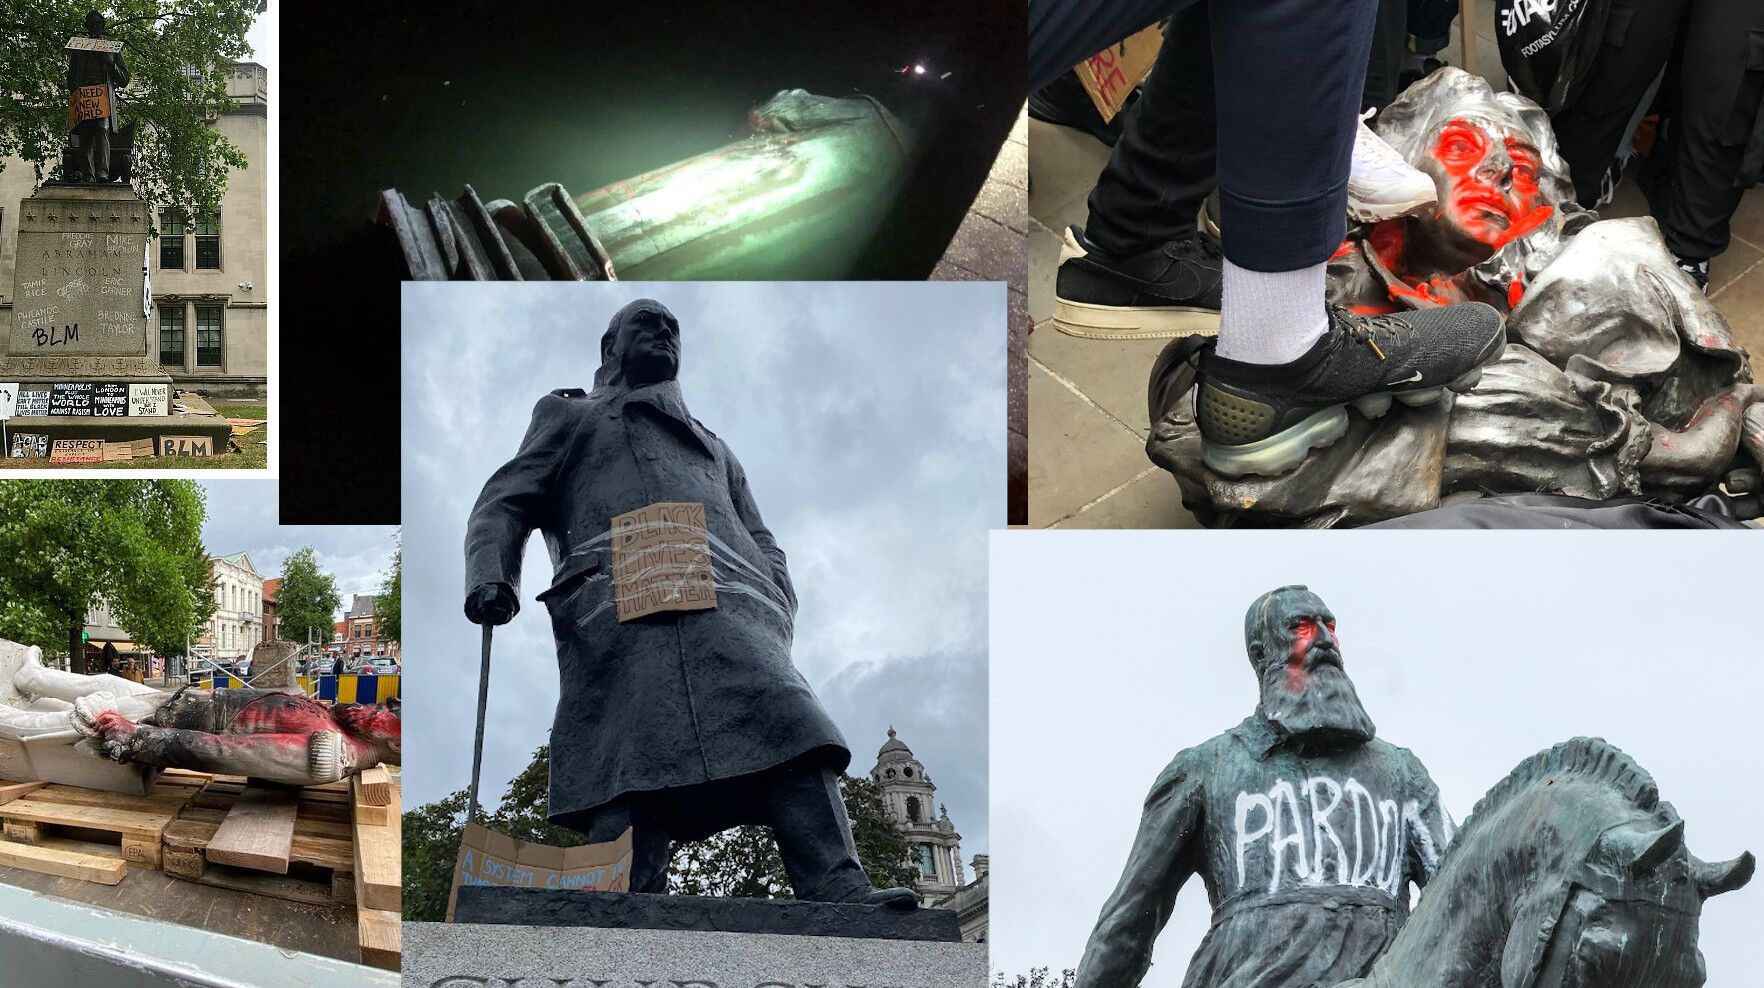 Primero destruyen las estatuas; luego serán los geranios - Santiago Navajas - Club de Libertad Digital